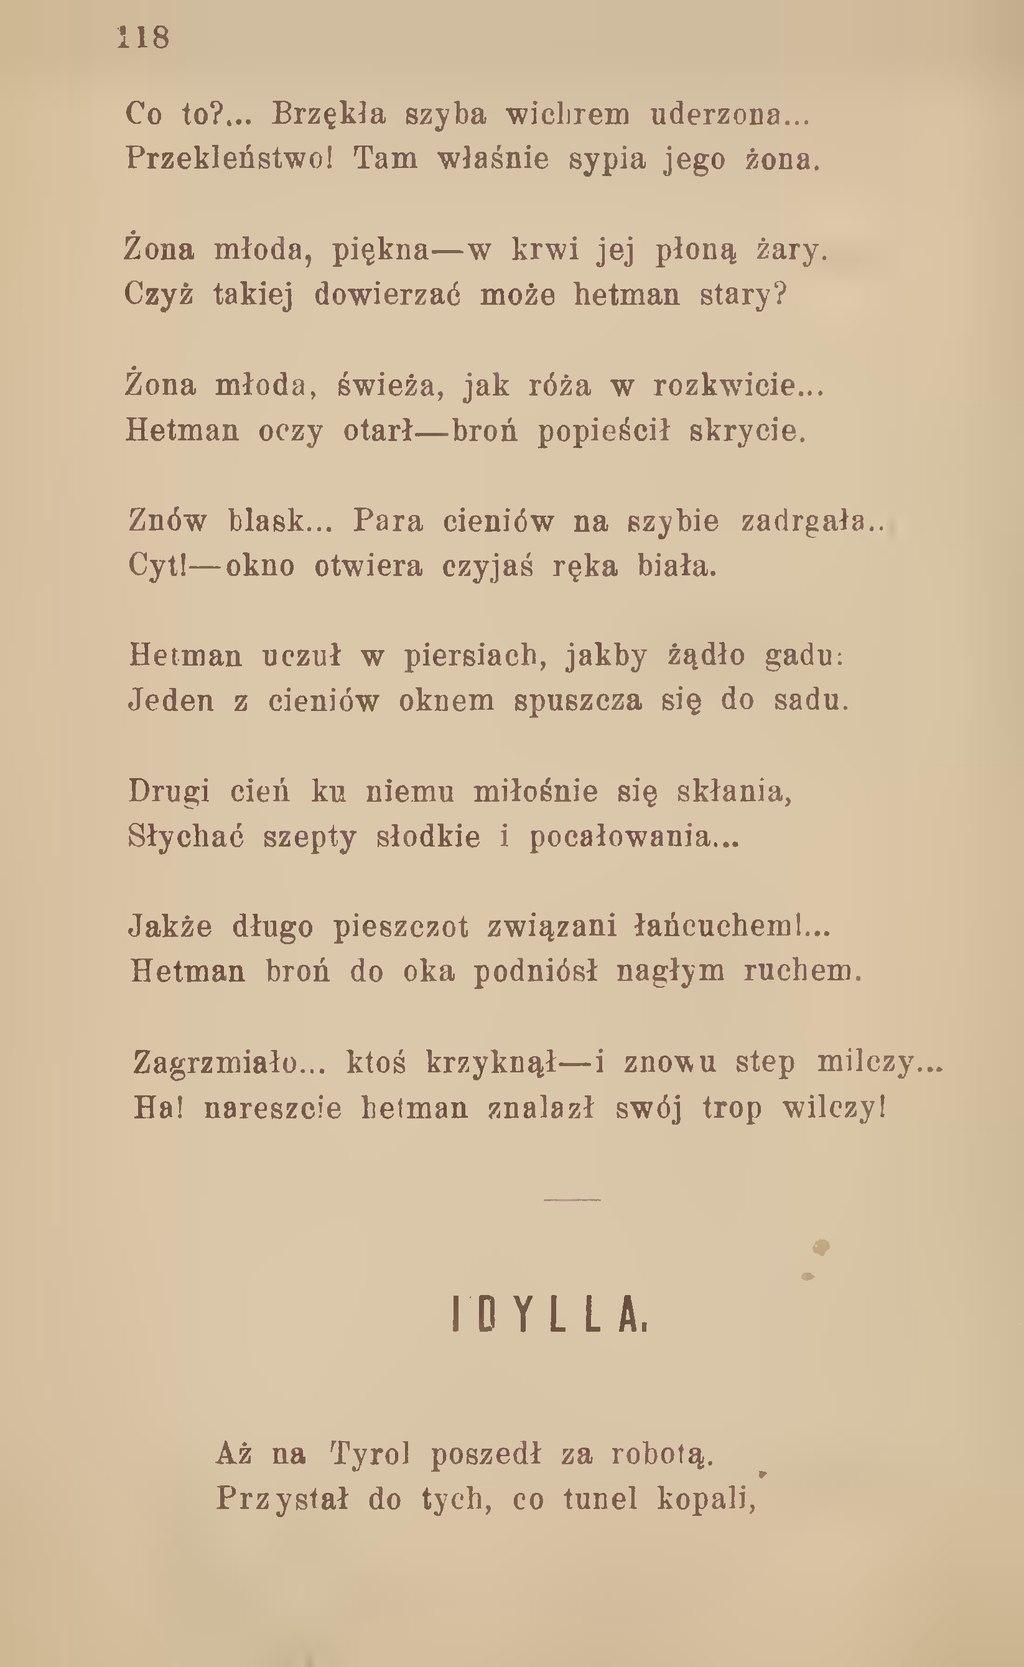 Stronagomulickiego Wiktora Wiersze Zbiór Nowydjvu121